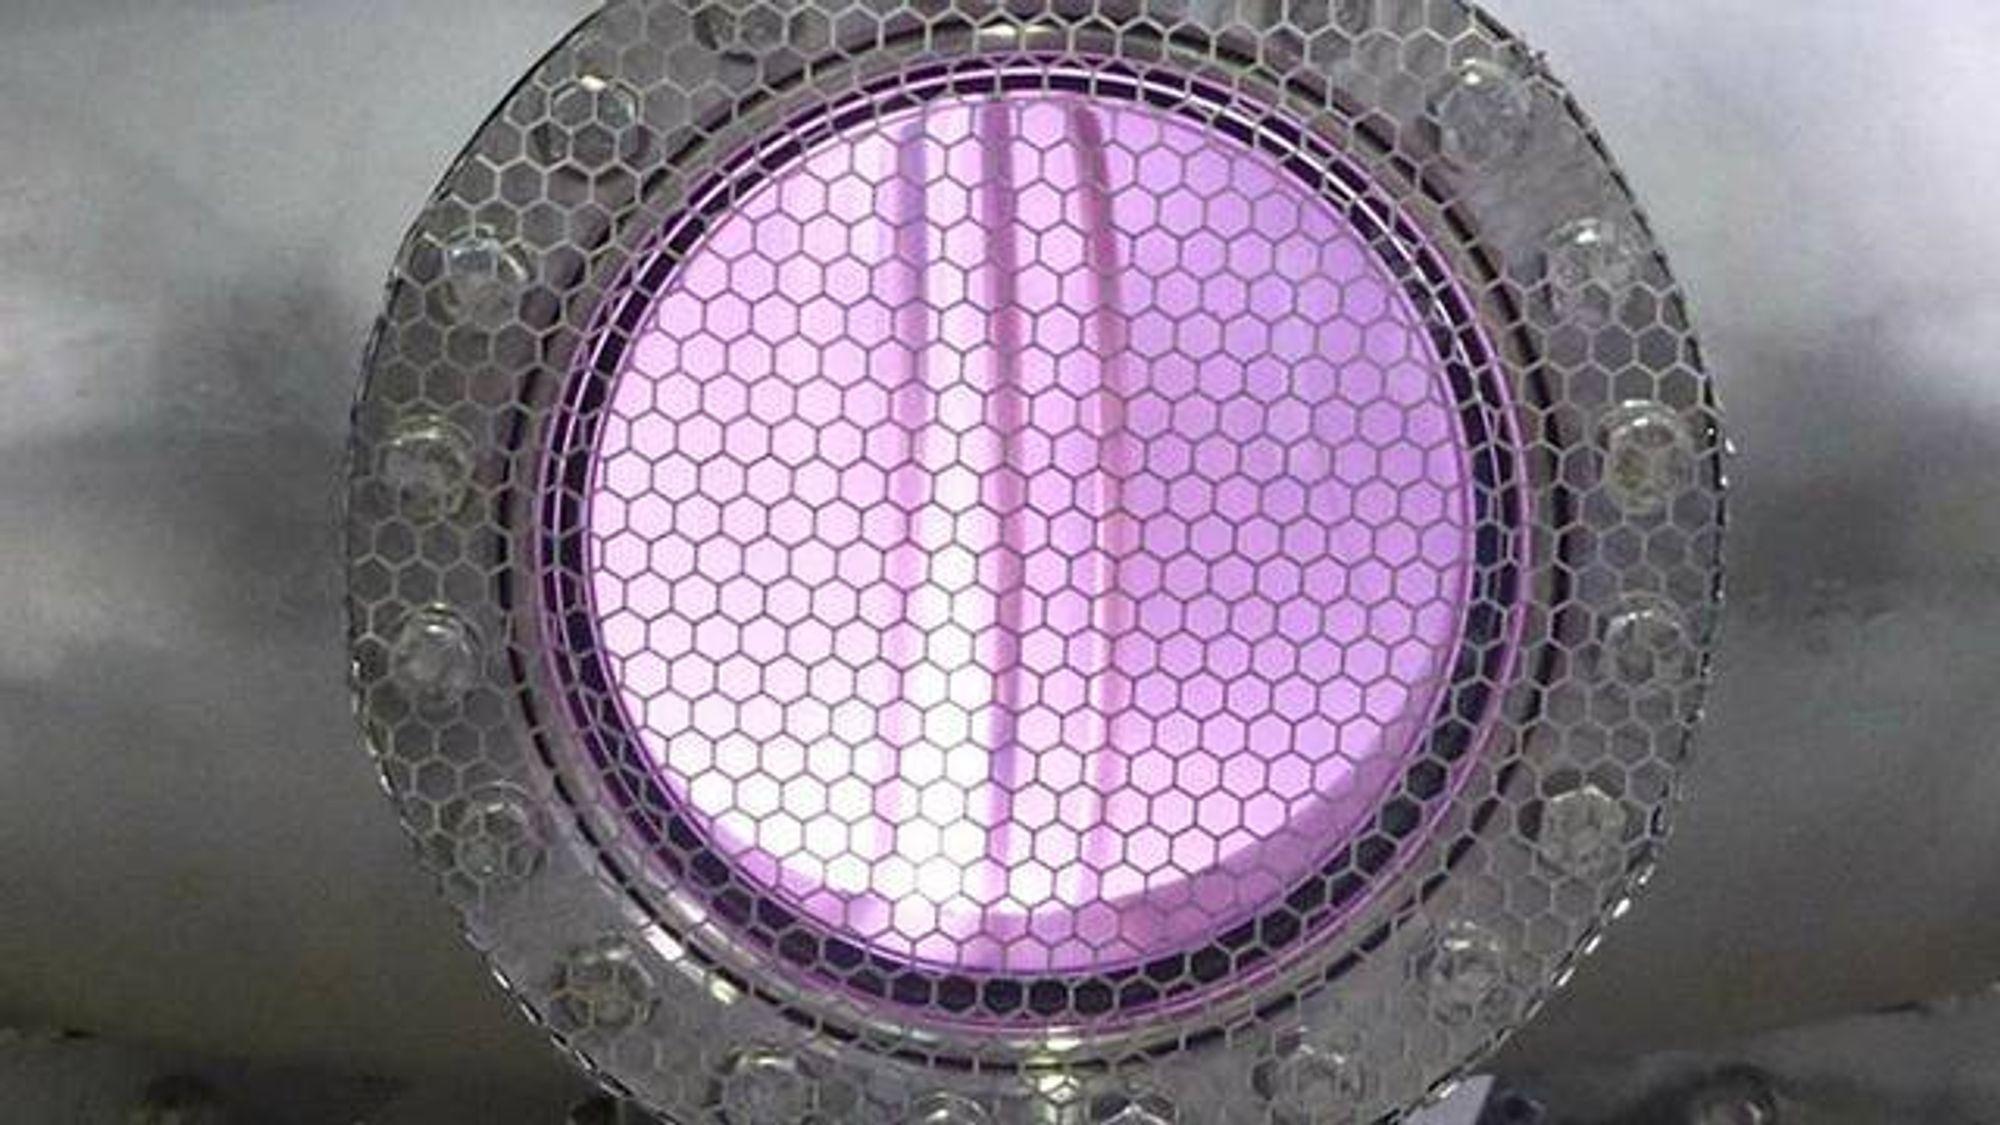 Den nye fusjonsreaktoren til britiske Tokamak Energy har klart å lage plasma. Det er første steg på veien mot å kunne produsere miljøvennlige og kommersiell fusjonsenergi.